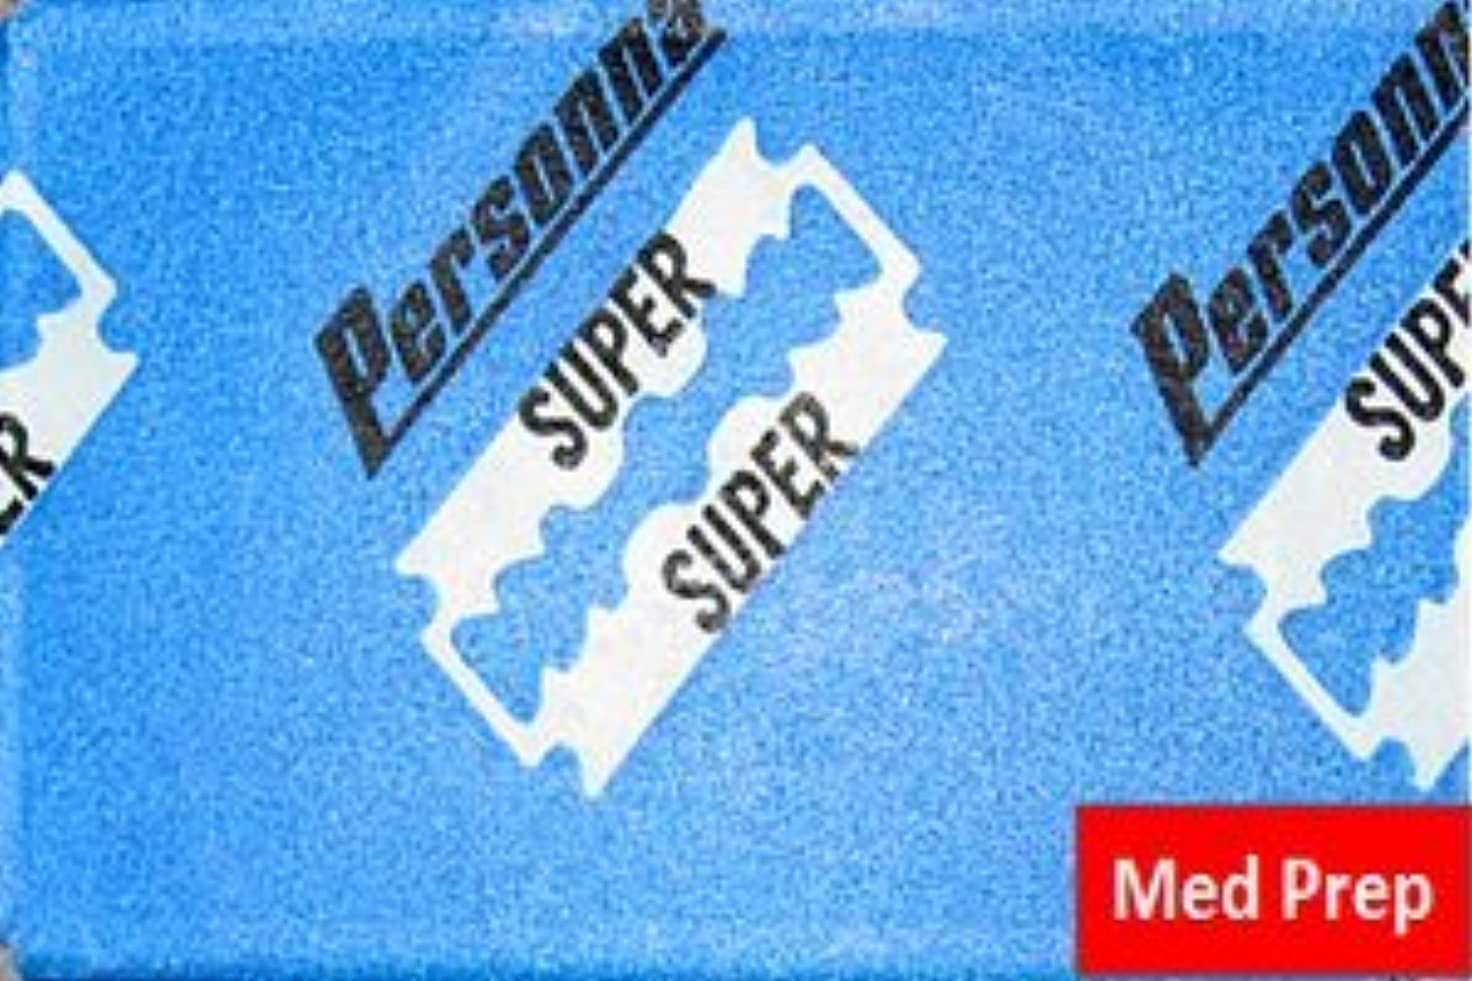 嫉妬アッパー断言するPersonna Med Prep 両刃替刃 5枚入り(5枚入り1 個セット)【並行輸入品】